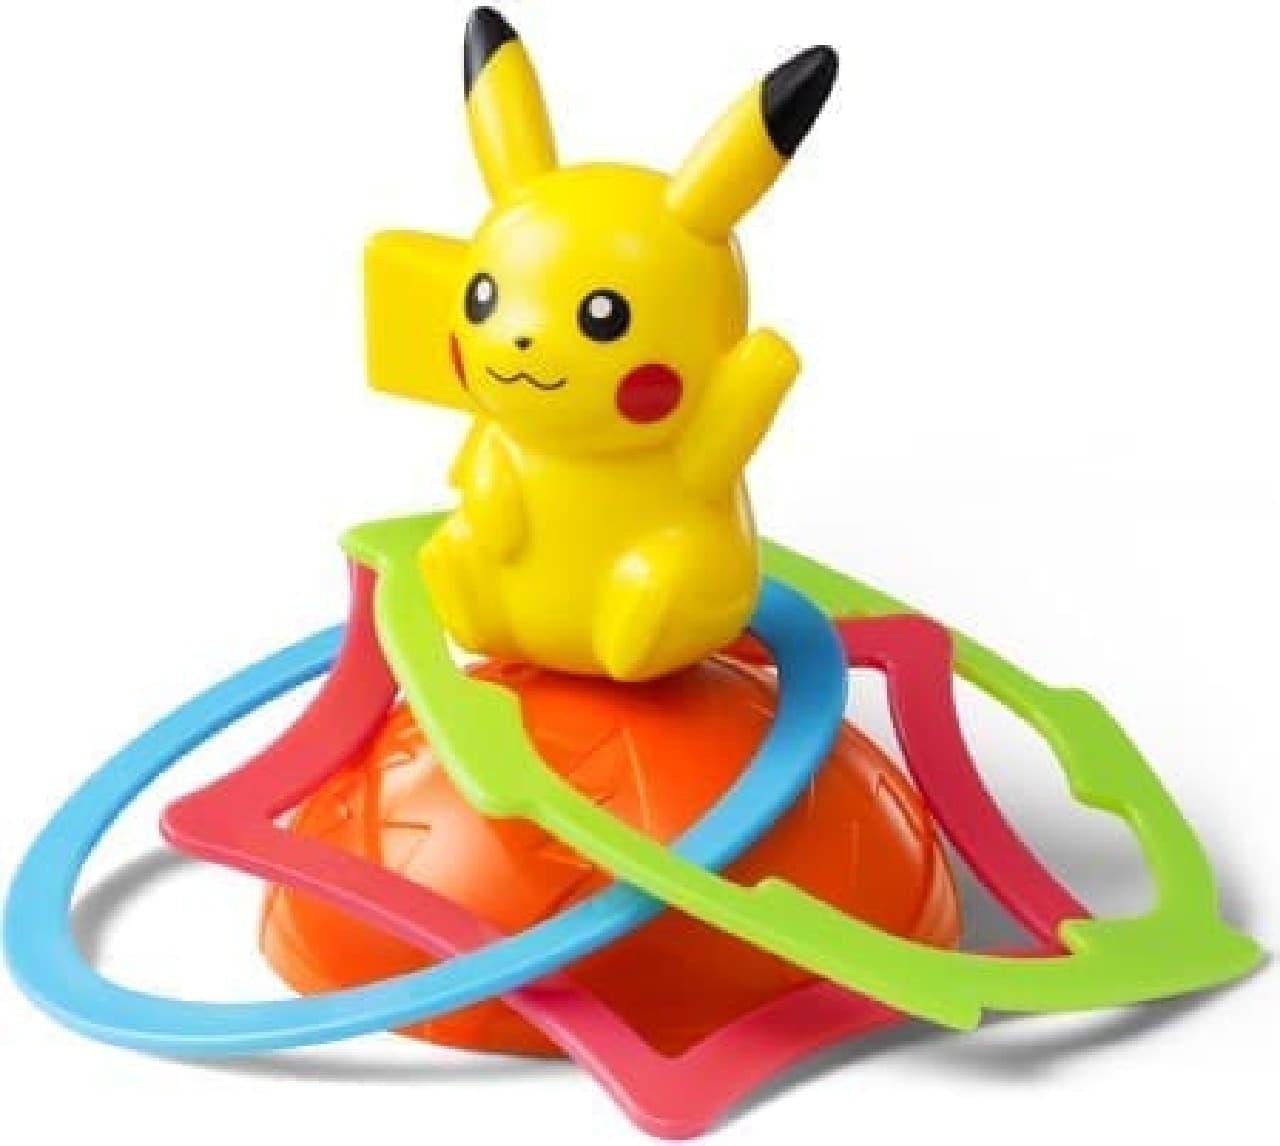 夏休みに家族や友達と一緒に遊べるおもちゃが勢ぞろい!  (写真はピカチュウ くるくるわなげ)  (c)Nintendo・Creatures・GAME FREAK・TV Tokyo・ShoPro・JR Kikaku   (c)Pokemon   (c)2015 ピカチュウプロジェクト